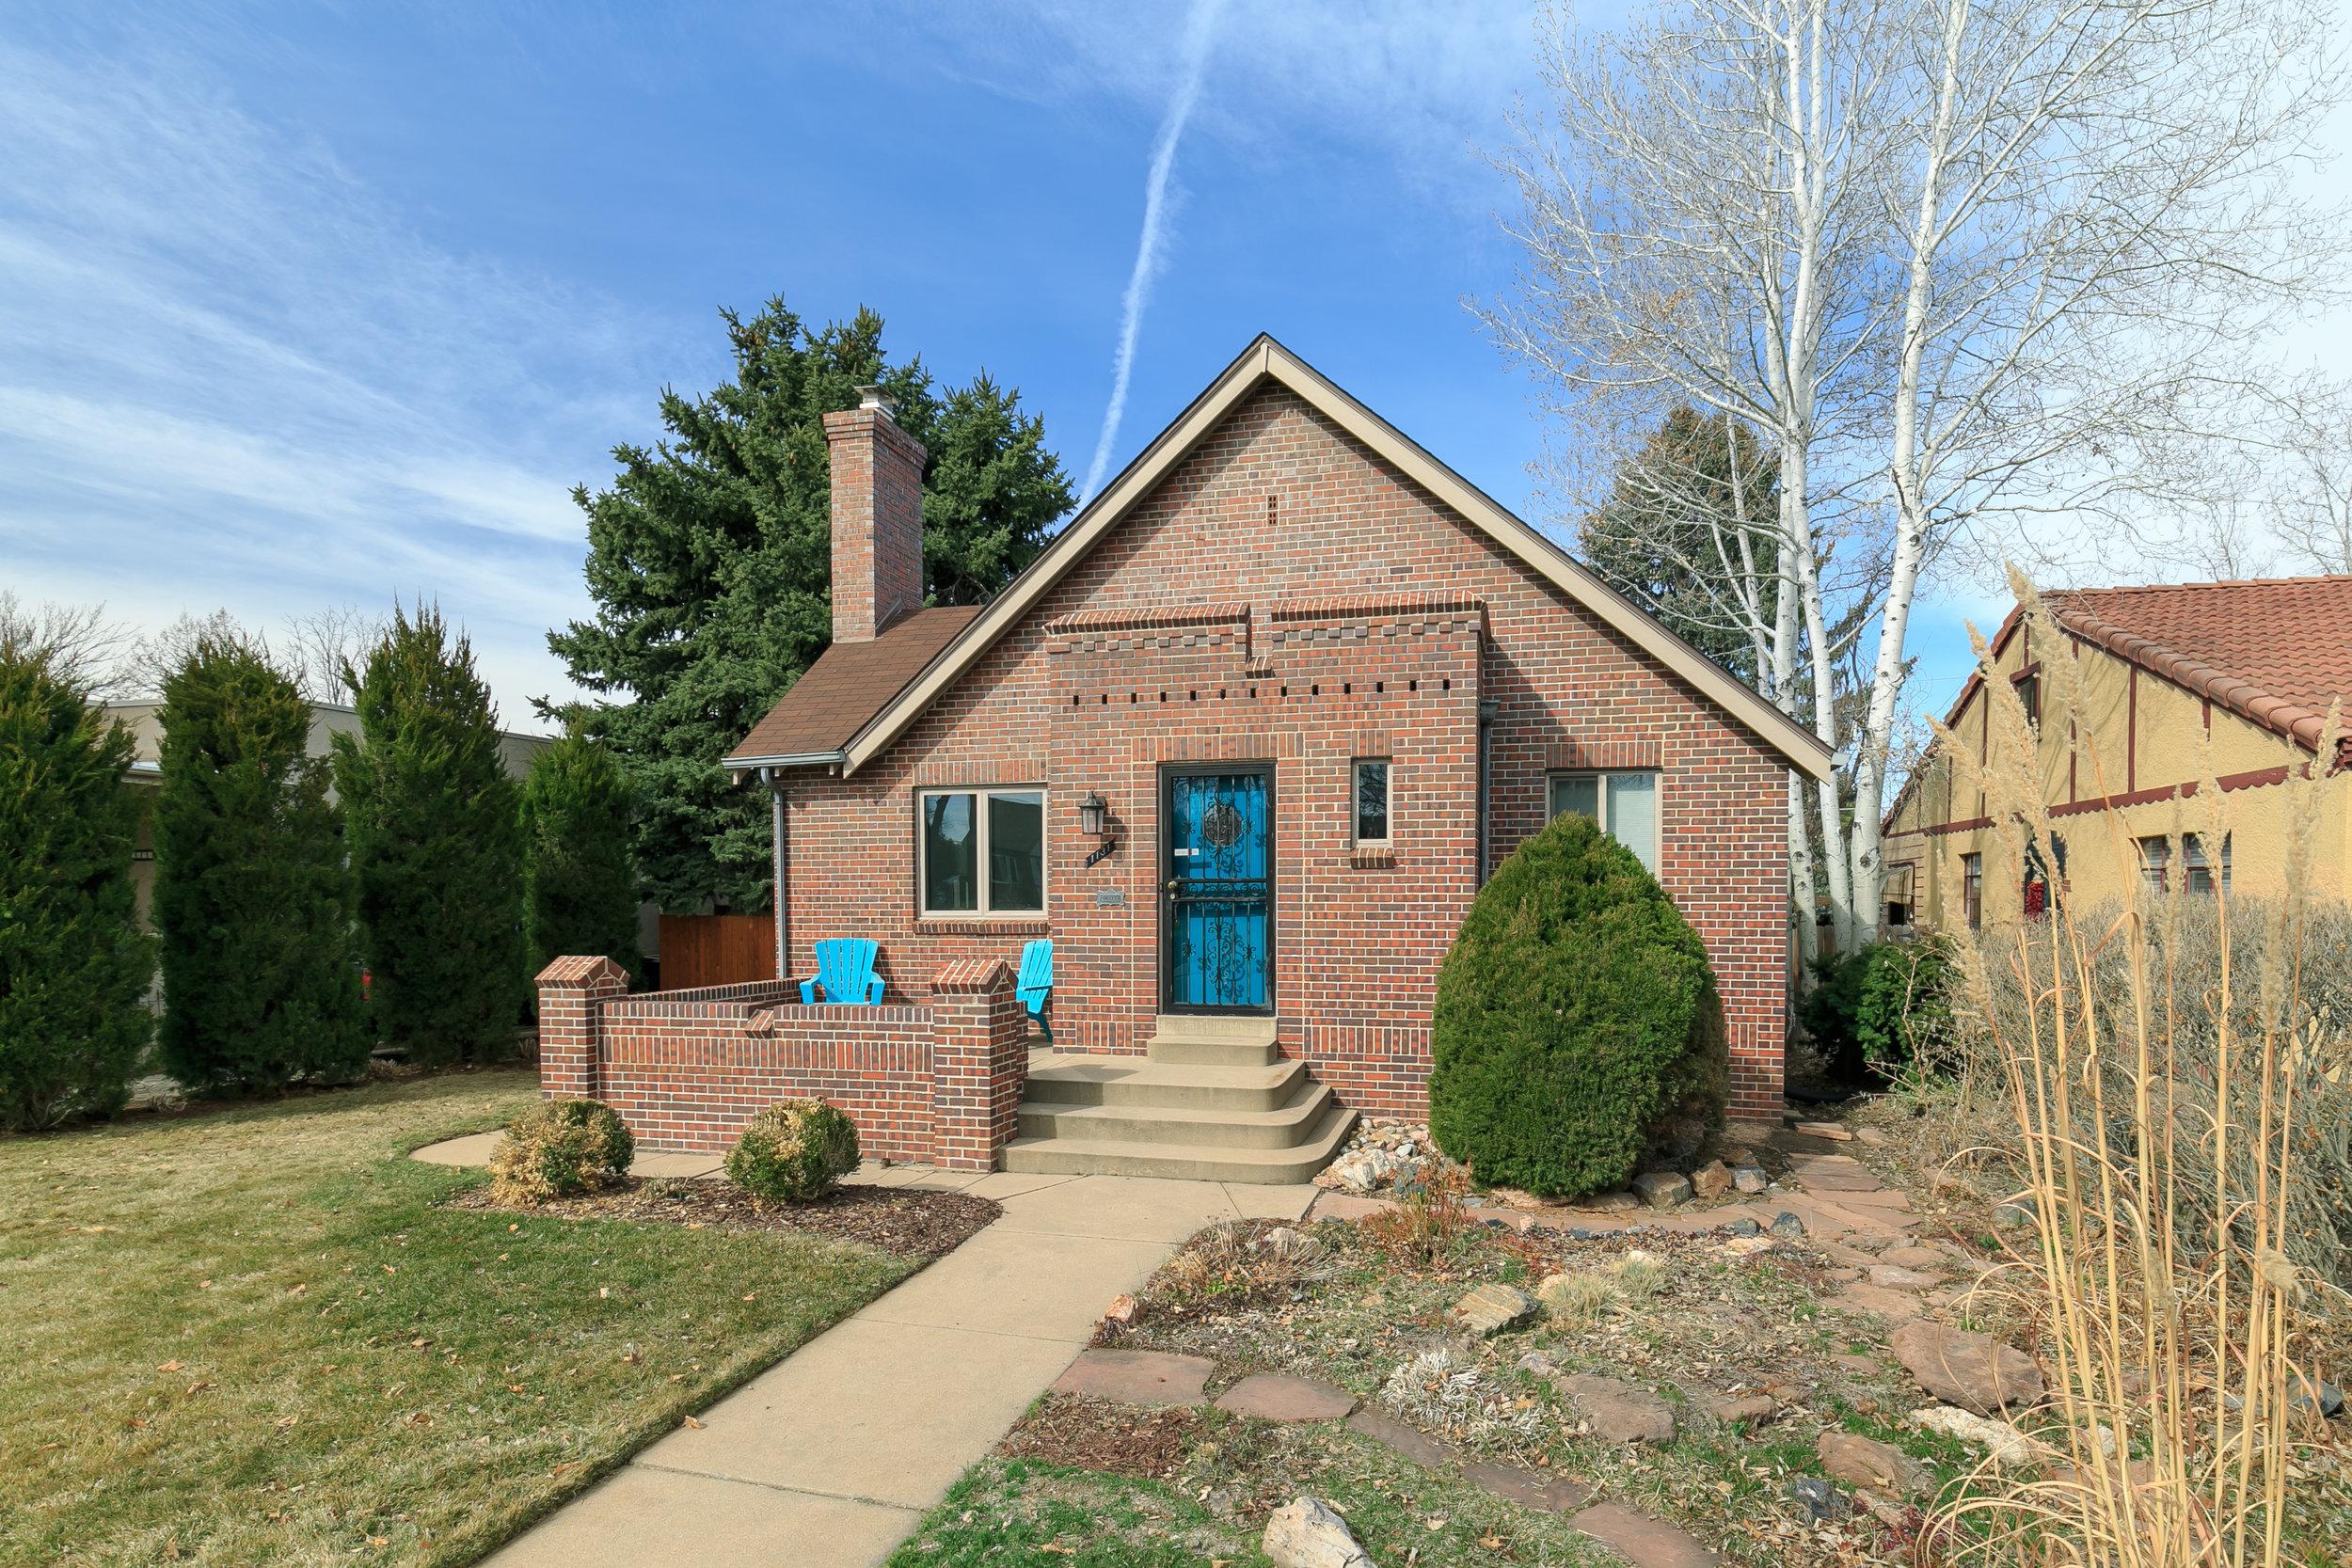 Sold - 1131 Hudson St, DenverMayfair neighborhood3 bedrooms, 2 bathrooms$640,000